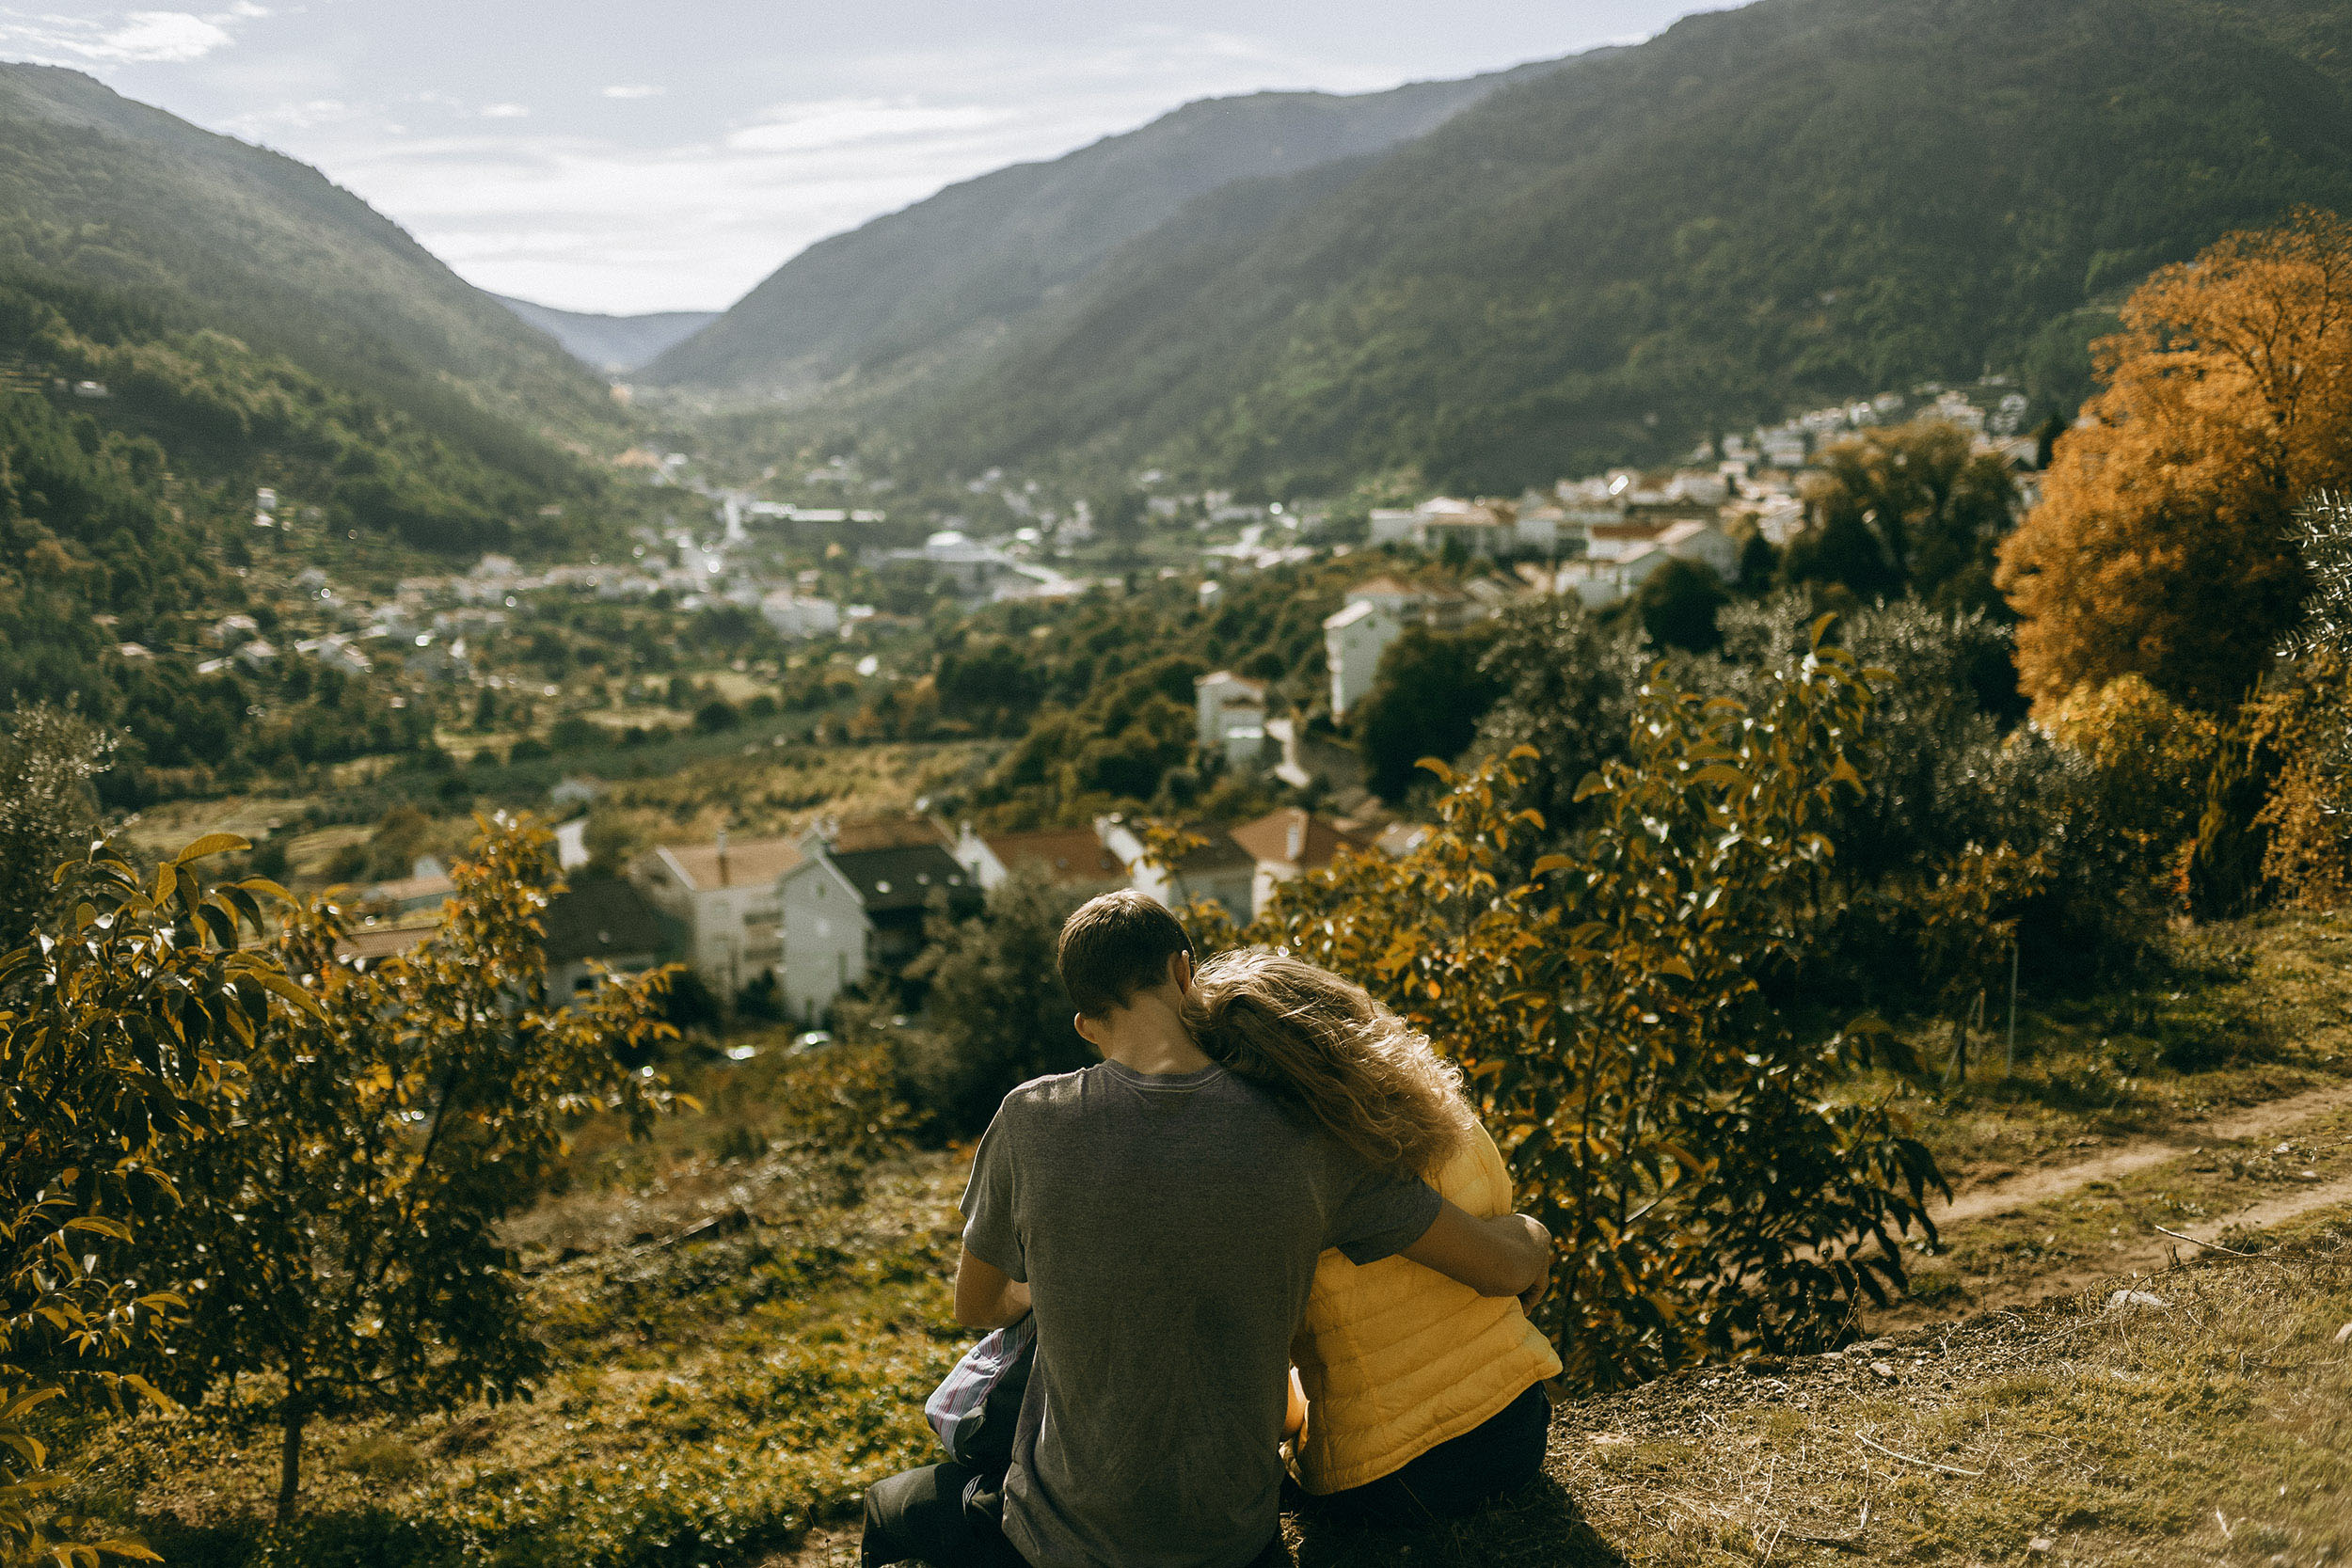 Место силы: горы Серра-да-Эштрела в Португалии Место силы: горы Серра-да-Эштрела в Португалии 6big